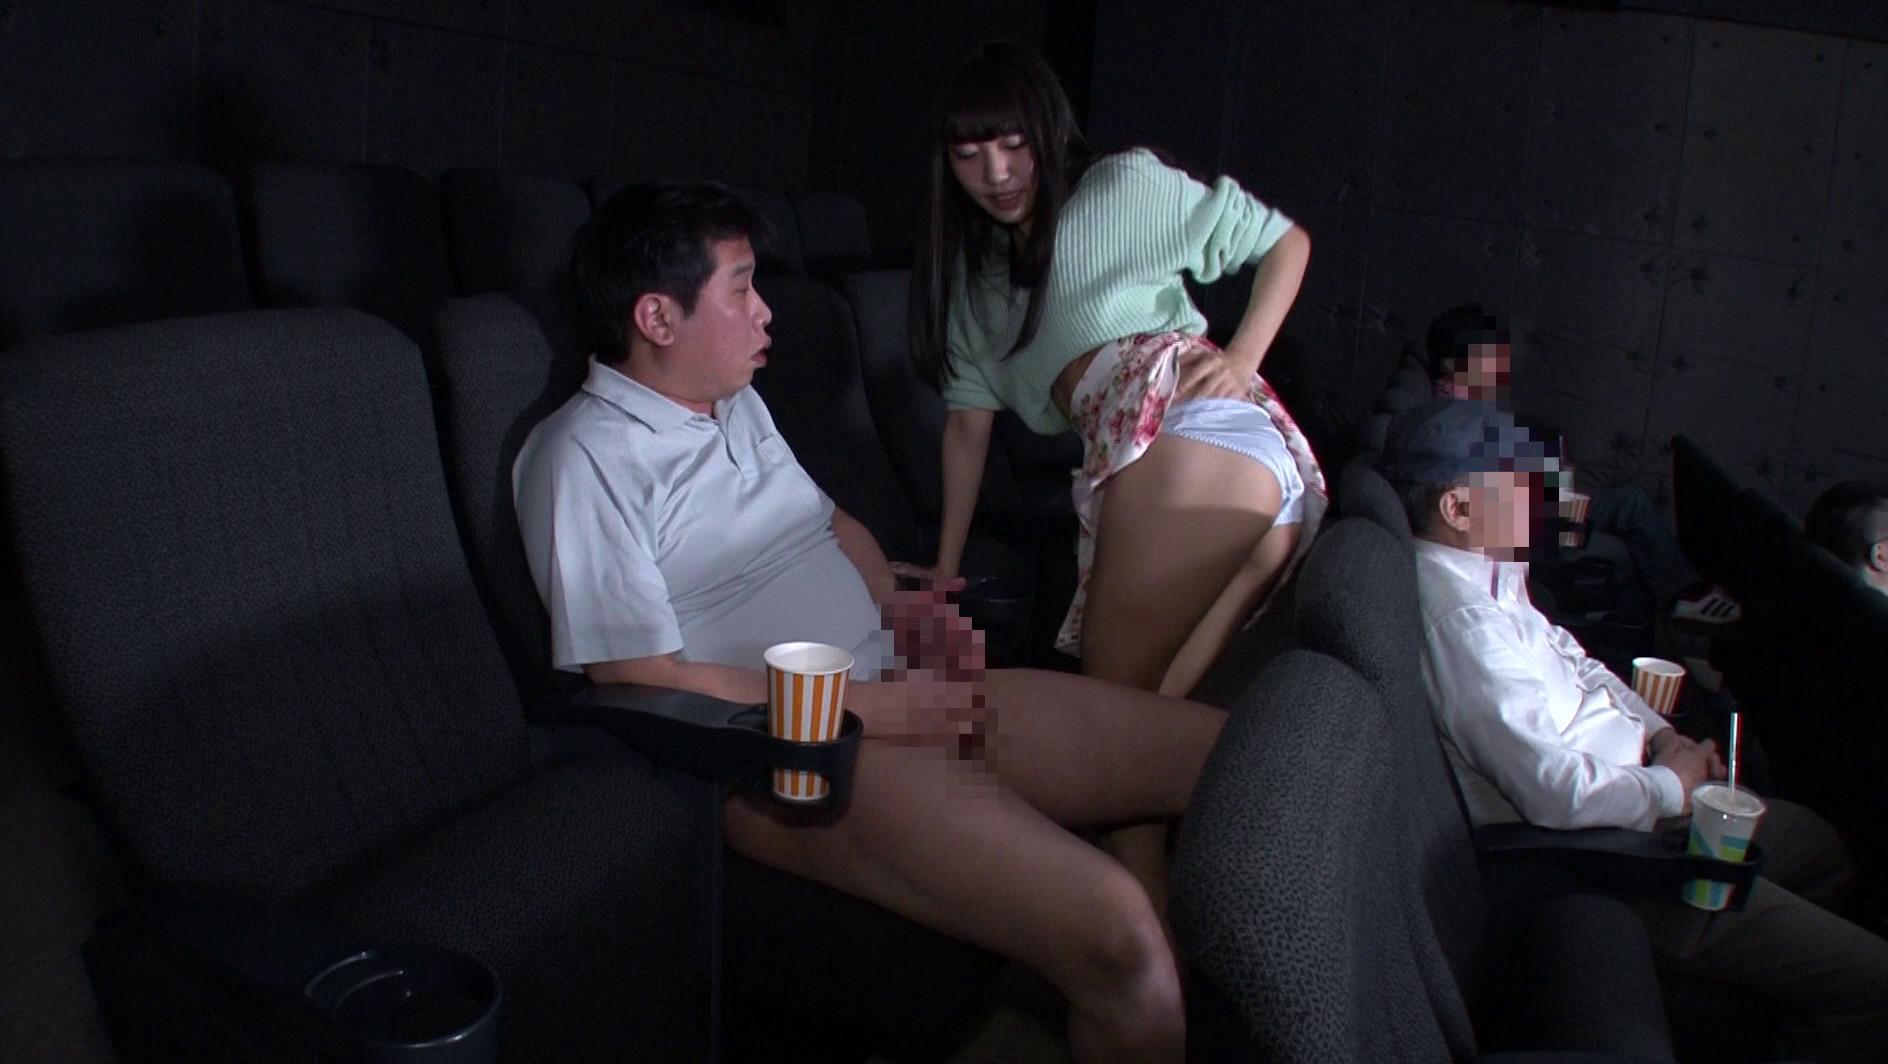 映画館のレイトショーは人が少なくて落ち着く・・・はずなのですが、突然僕の隣にミニスカートのソソる美女が座ってきた!!映画よりもスカートから覗く生足が気になって仕方がない!無言の誘惑に勃起した僕に気付いた美女が、微笑みながら手を伸ばしてきて・・・まさか館内でこっそりヌイてくれた!!それどころかハメさせてくれた!? 画像8